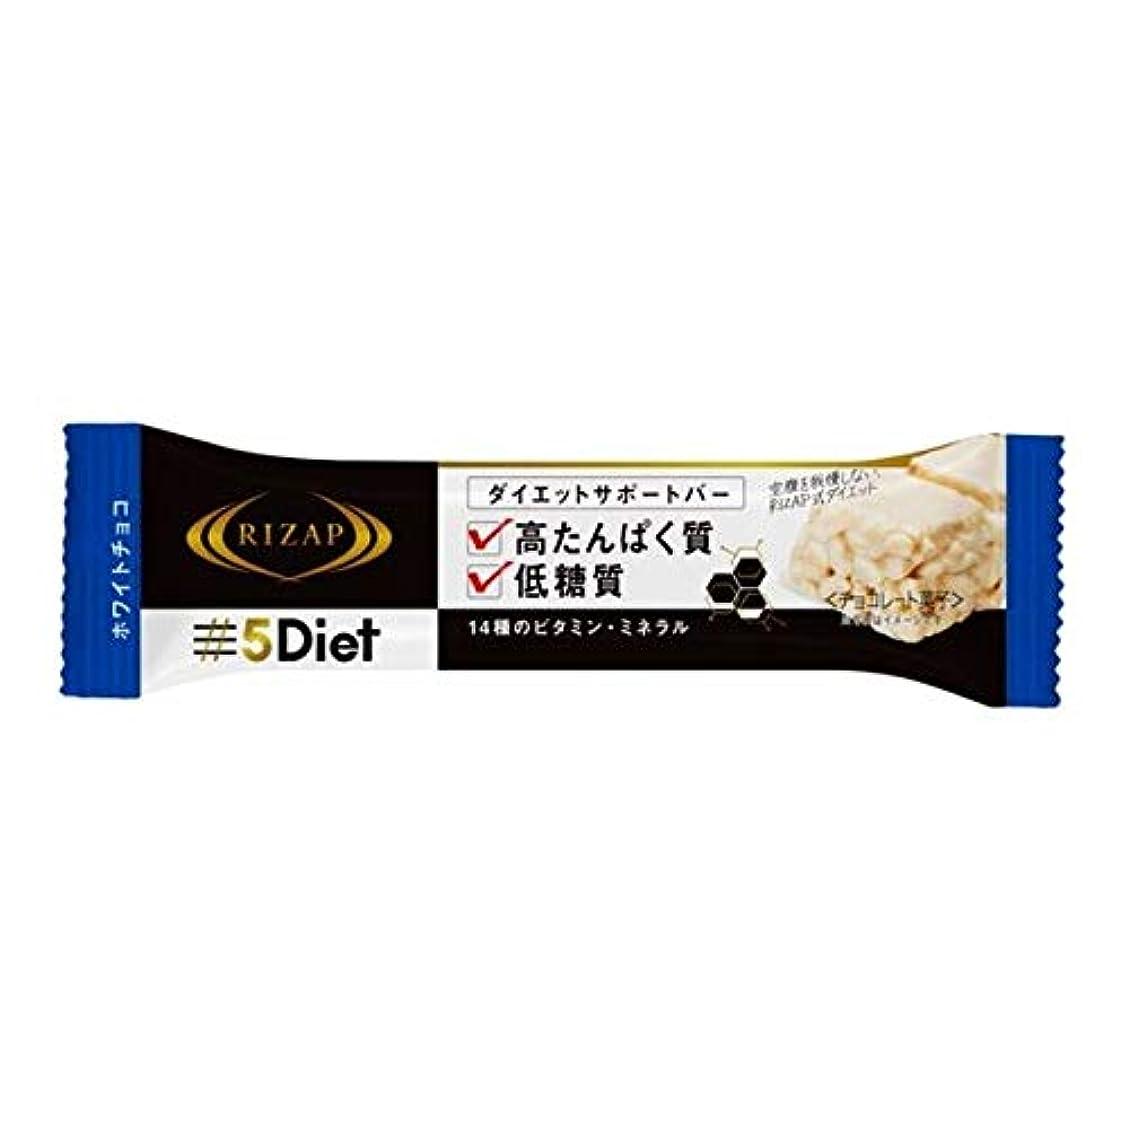 副詞ラッシュ仕様◆RIZAP(ライザップ) ダイエットサポートバー ホワイトチョコ 30g【6個セット】